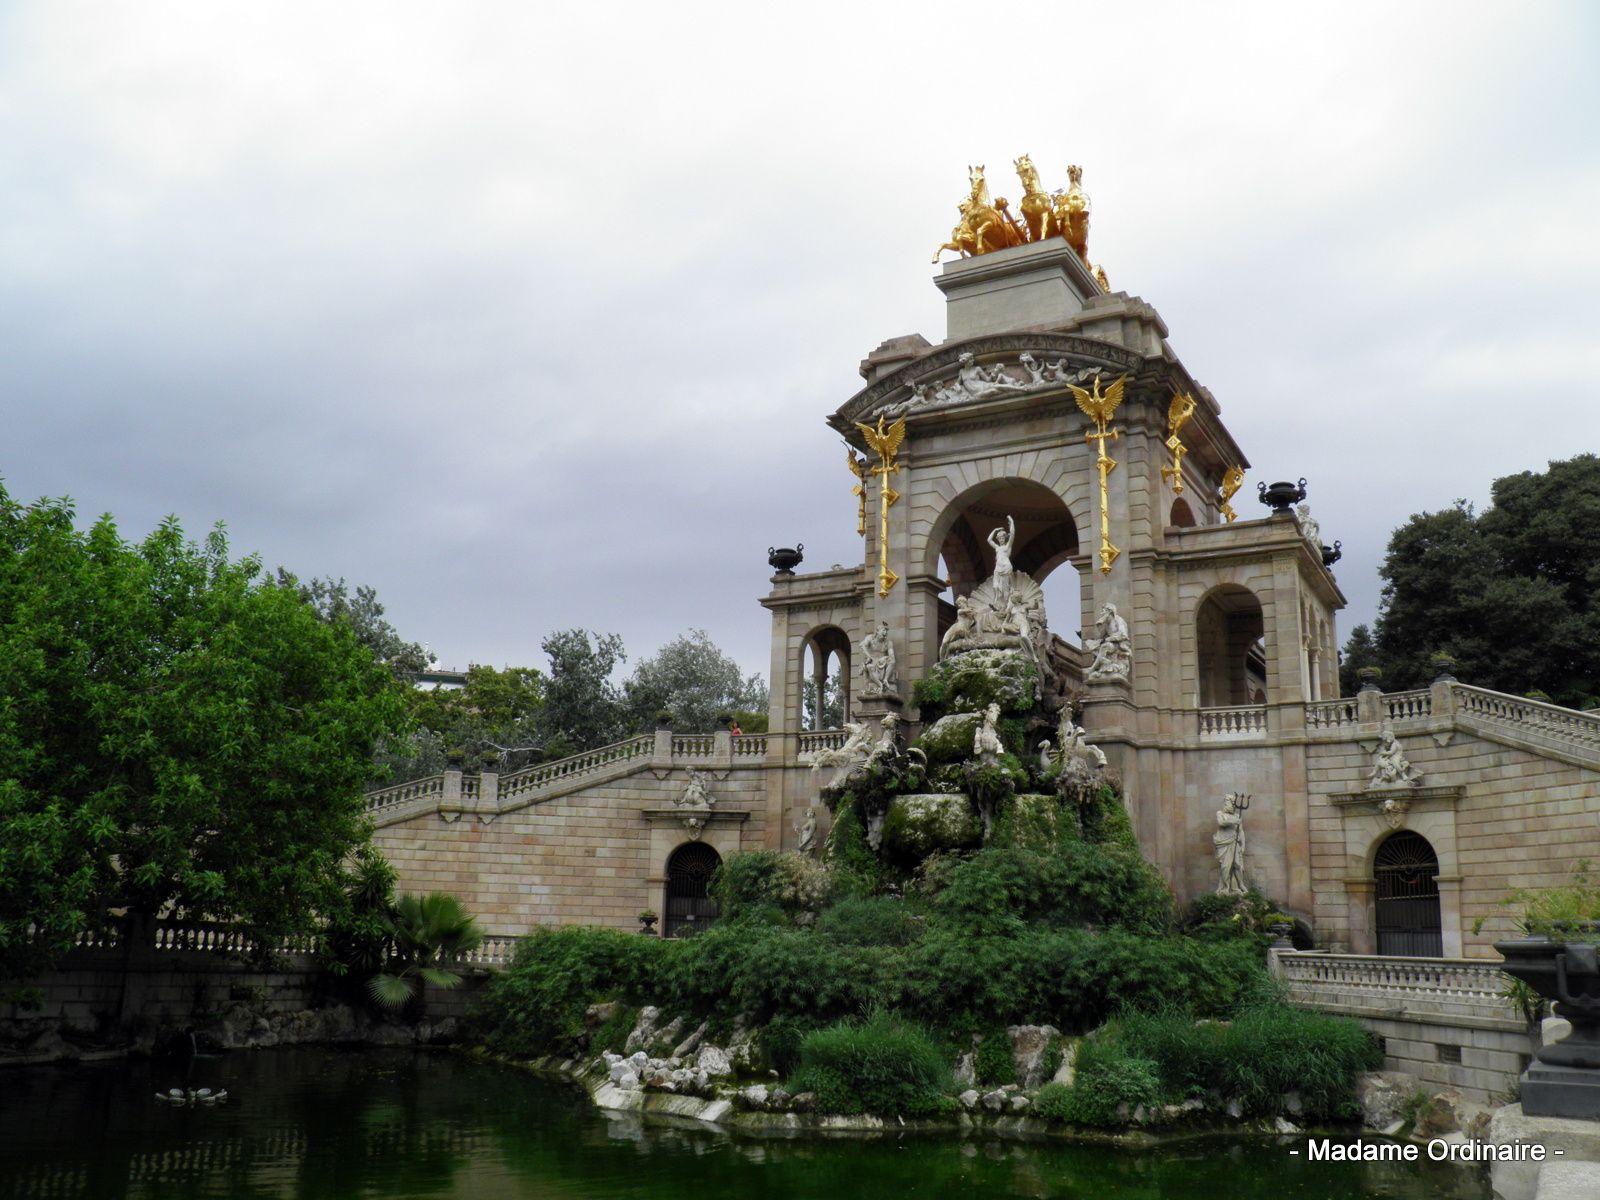 Le Parc de la Ciutadella à Barcelone